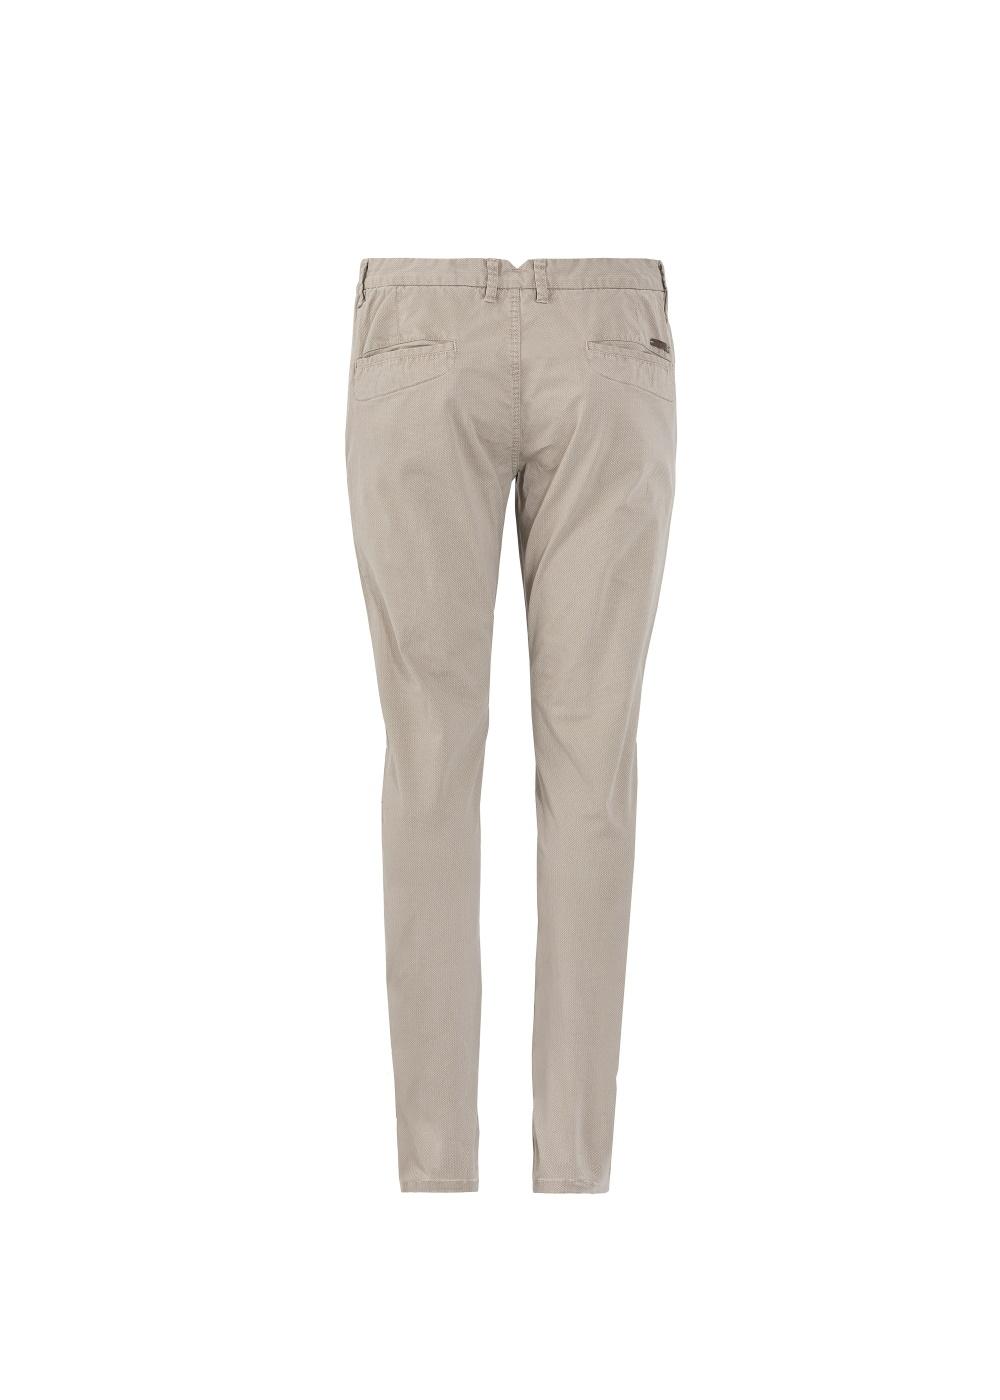 Spodnie męskie SPOMT-0036-81(W20)